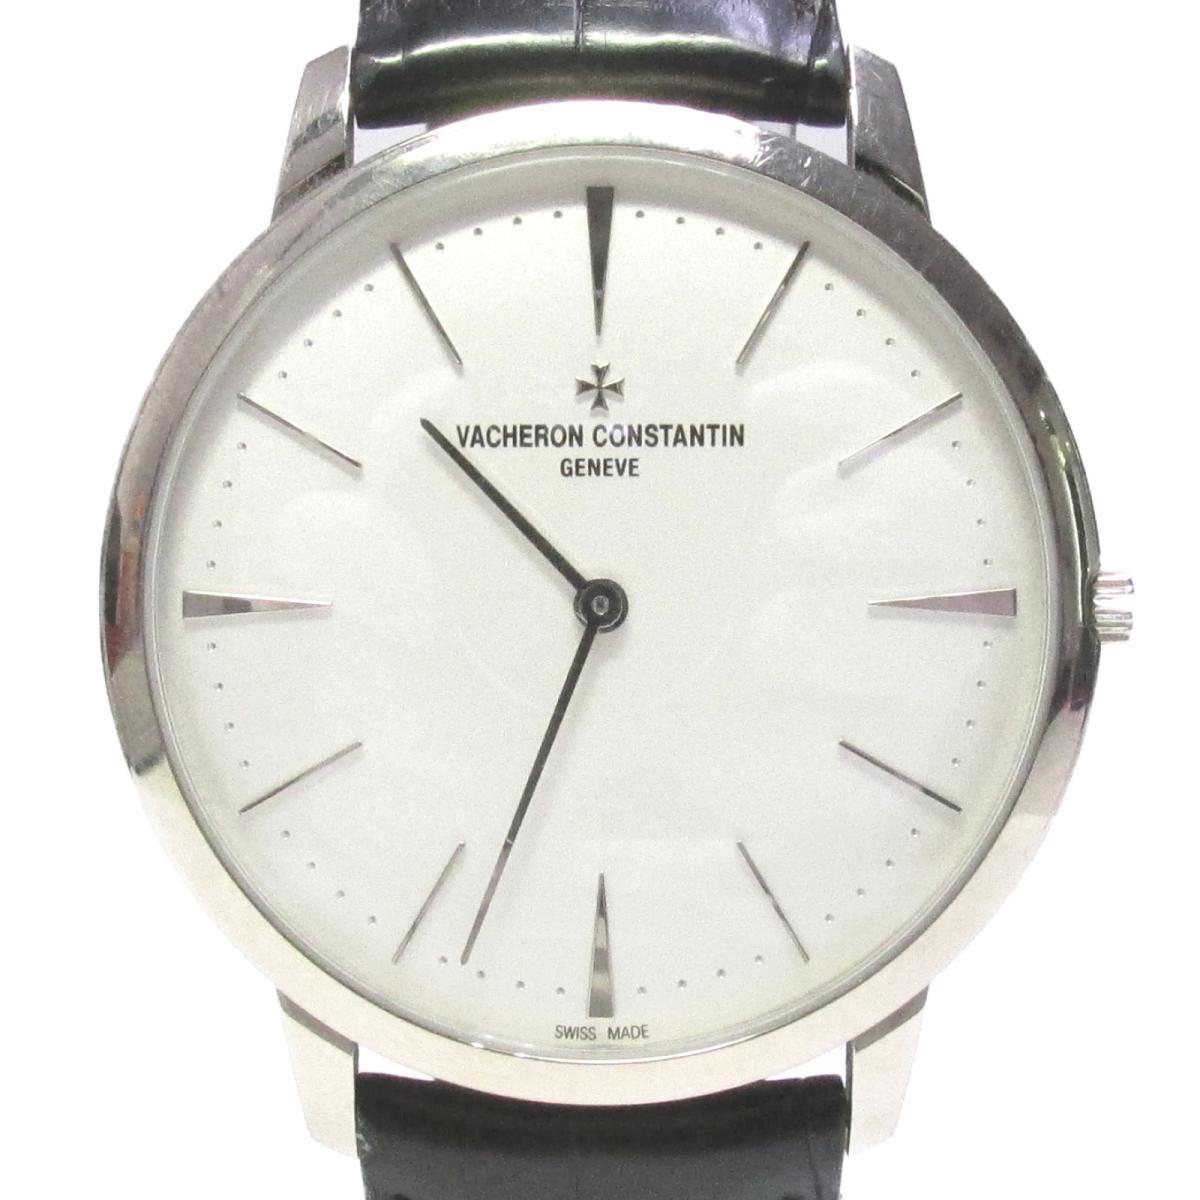 上品 ヴァシュロン・コンスタンタン パトリモニー 腕時計 ウォッチ 時計 メンズ K18WG (750) ホワイトゴールド x アリゲーターベルト ホワイト (81180 | VACHERON CONSTANTIN BRANDOFF ブランドオフ ブランド ブランド時計 ブランド腕時計, 神戸かぐや姫 55c98980